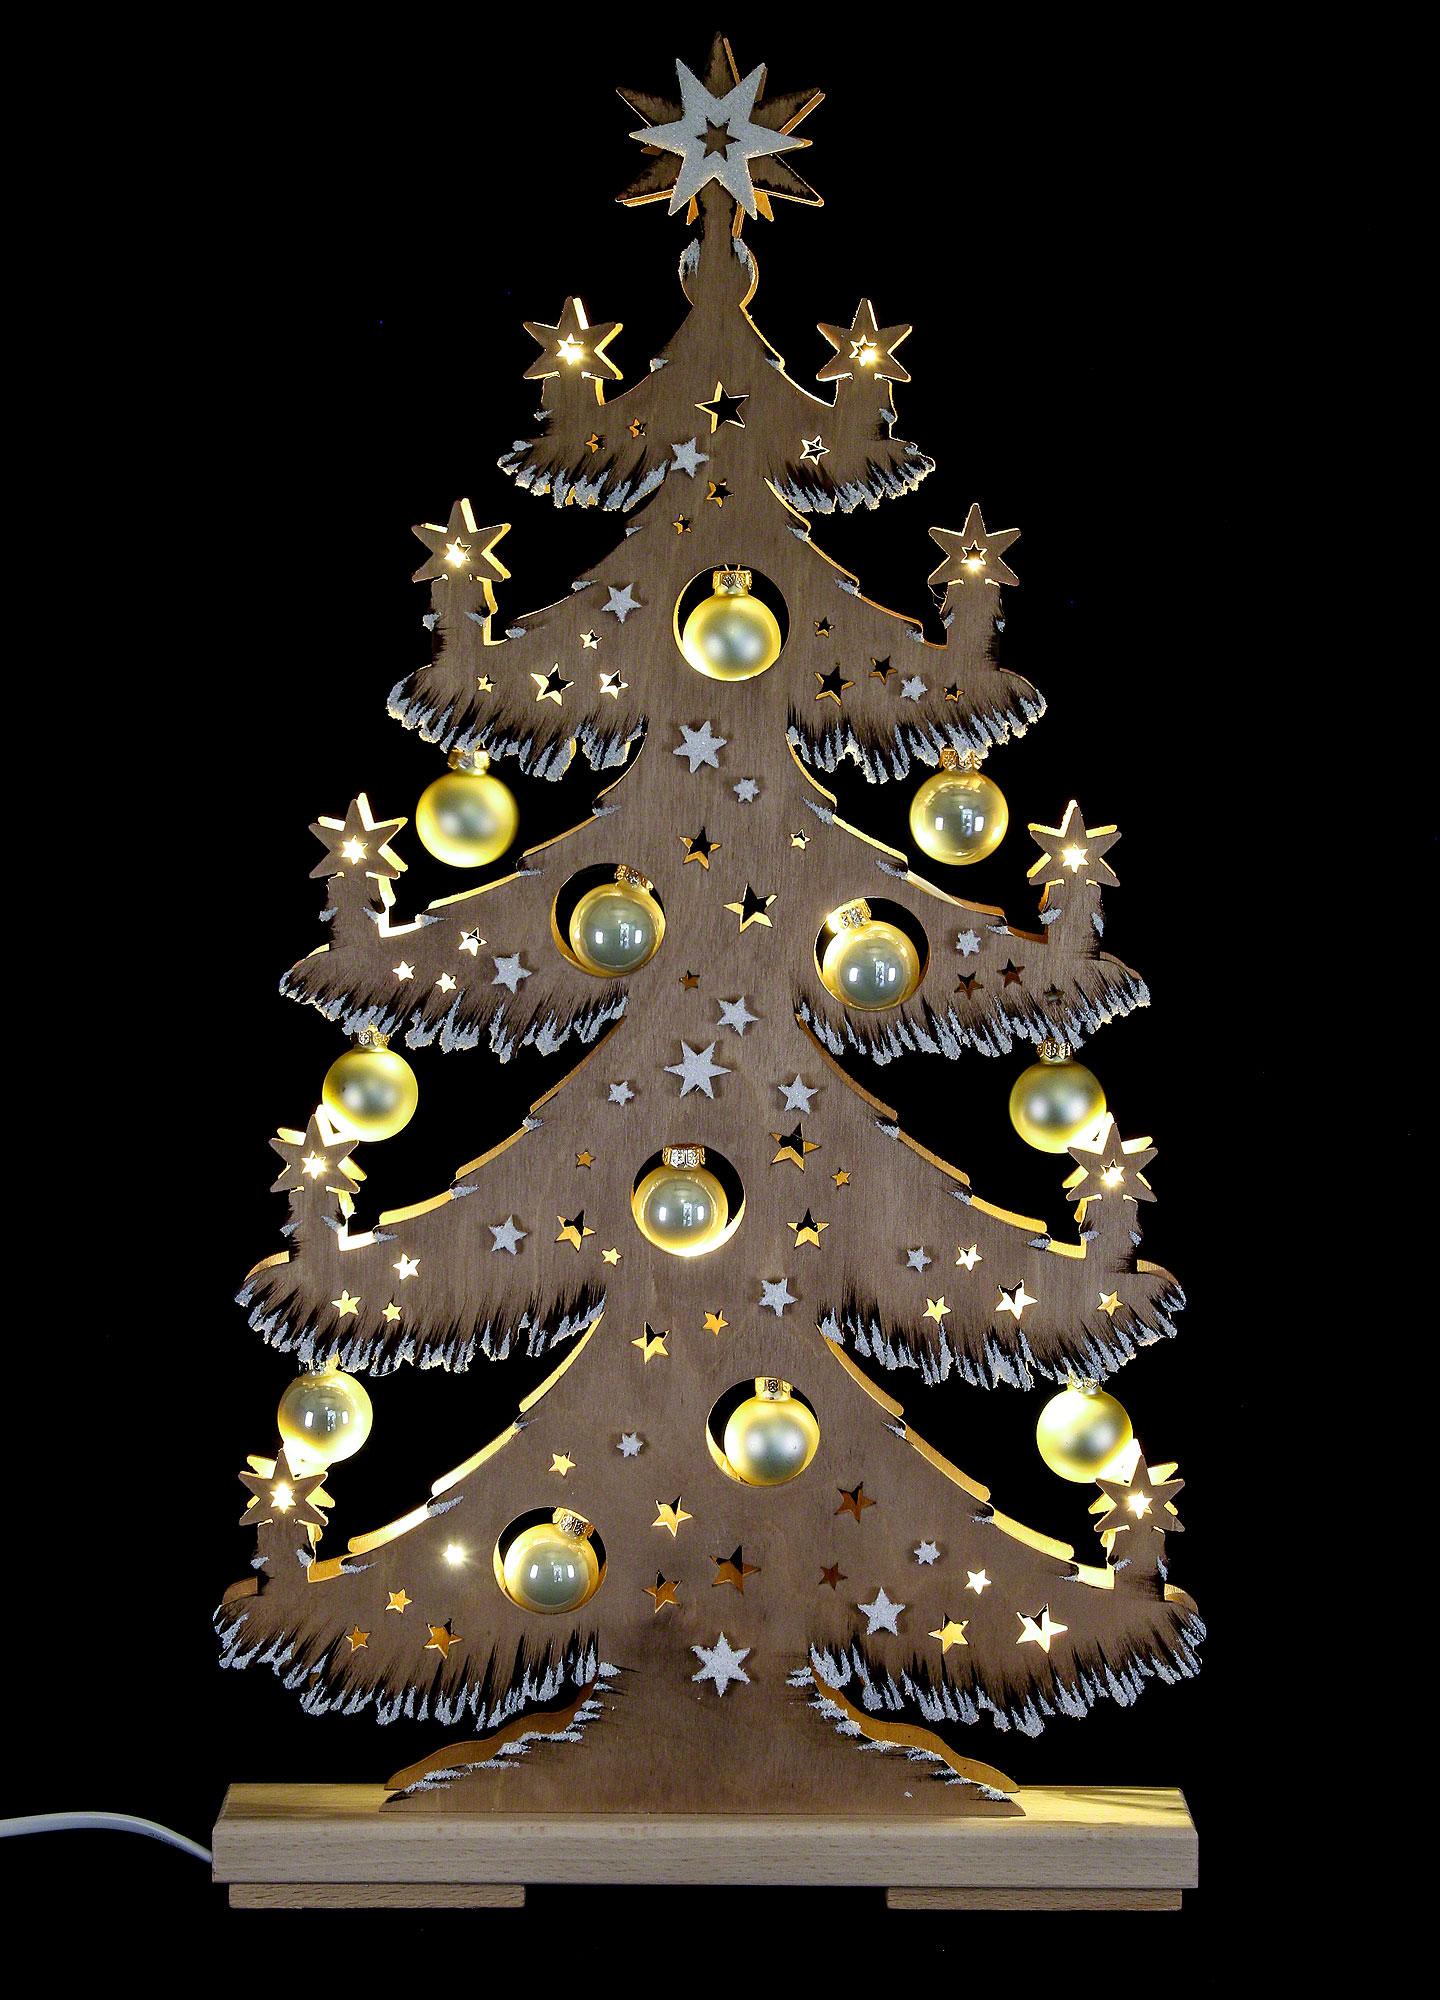 lichterspitze tanne goldene kugeln braun raureif 30 5 57 5 cm von ratags holzdesign. Black Bedroom Furniture Sets. Home Design Ideas